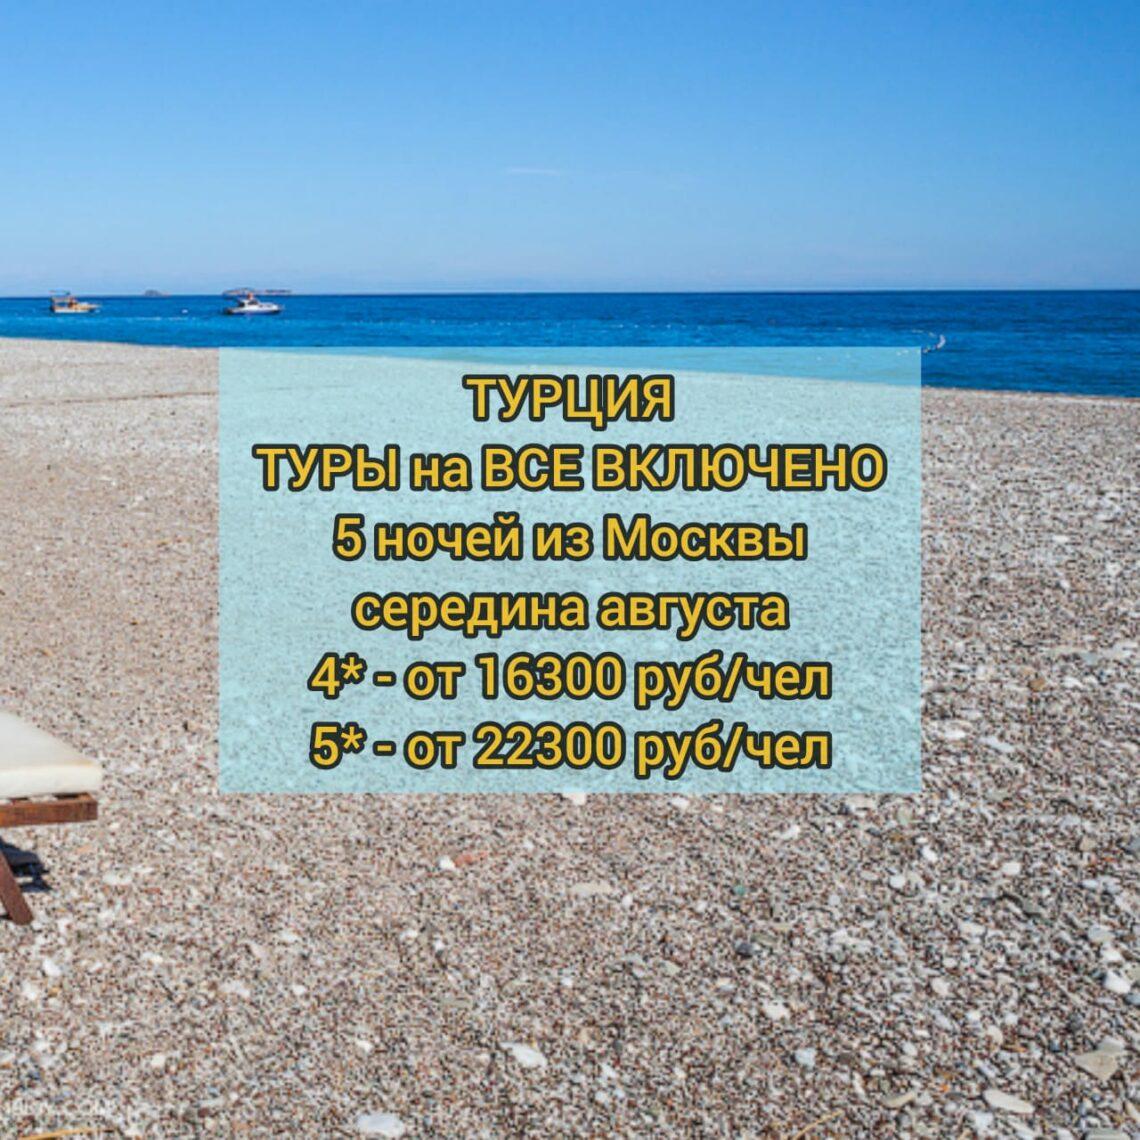 tur v rossiju alushta 17 058 rub chel - Тур в Россию Алушта 17 058 руб. чел.